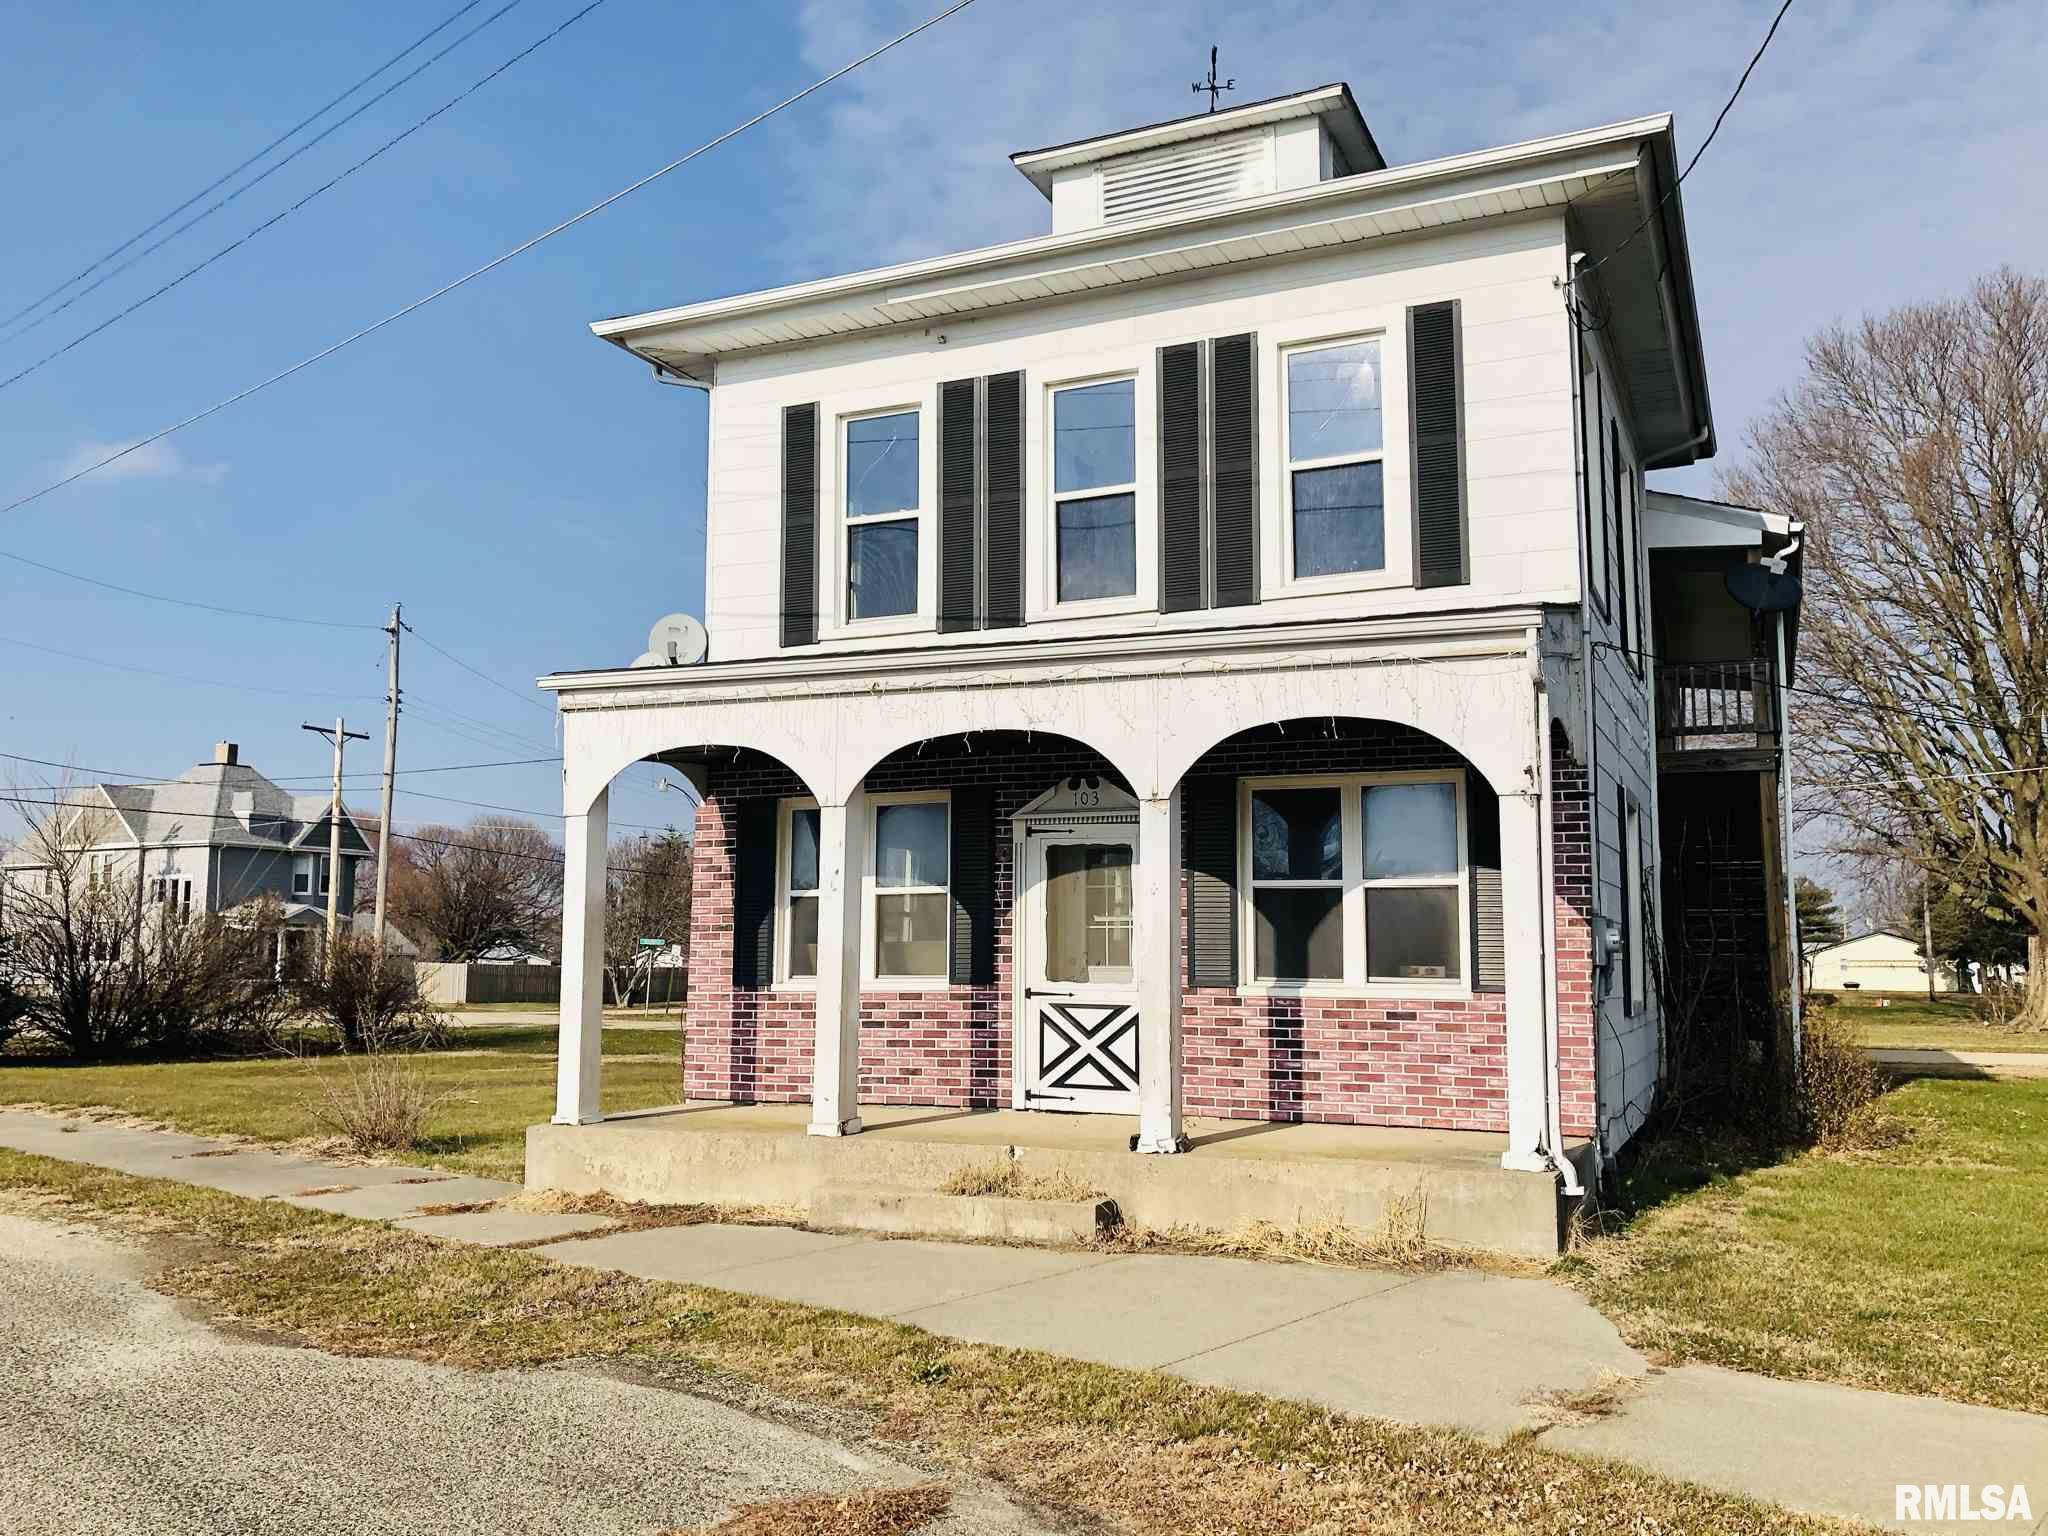 103 E MAIN Property Photo - Mineral, IL real estate listing